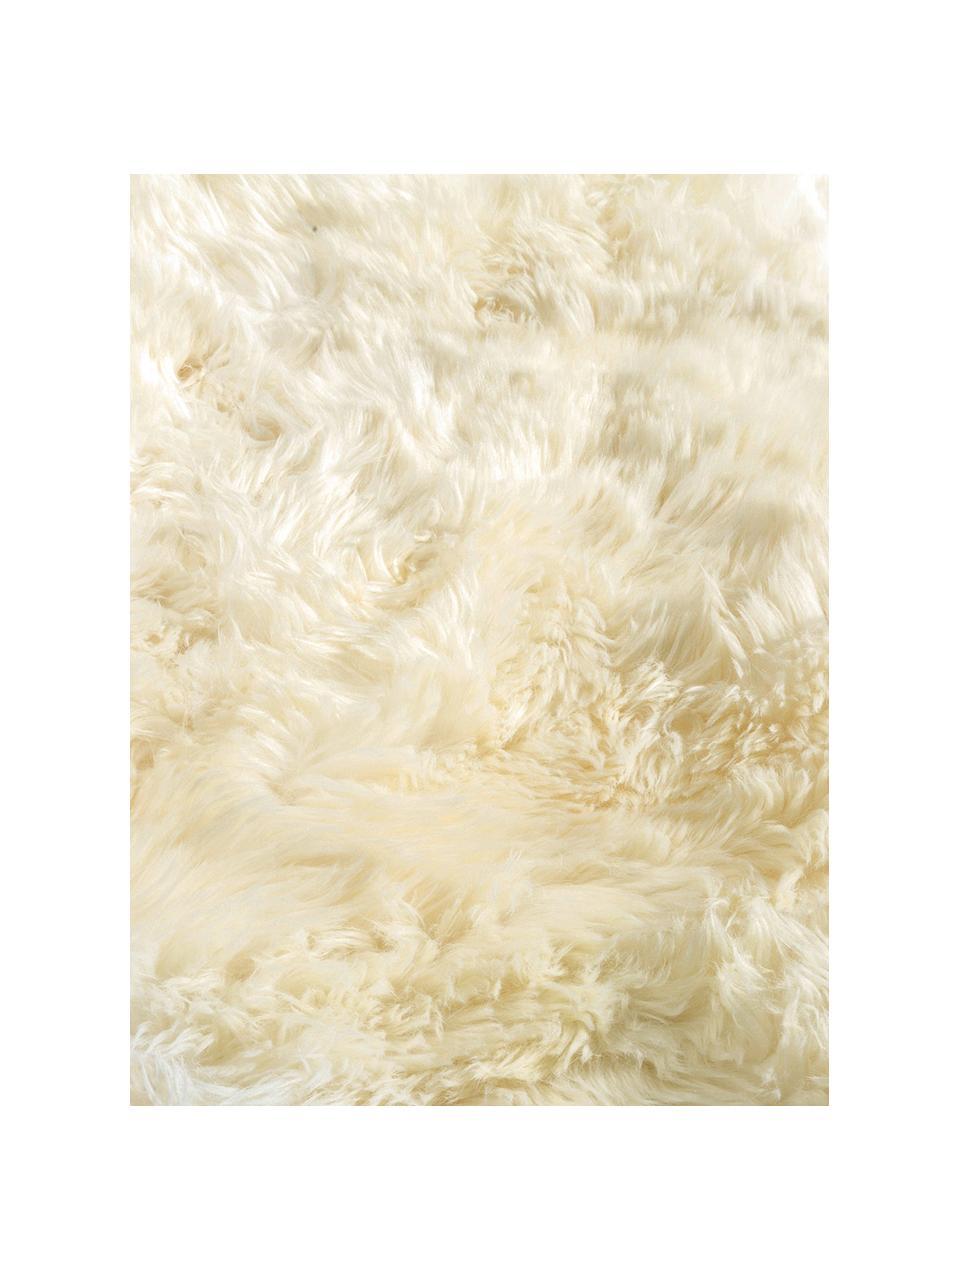 Dywan ze skóry owczej Reese, Skóra owcza, Kremowy, S 152 x D 243 cm (Rozmiar S)